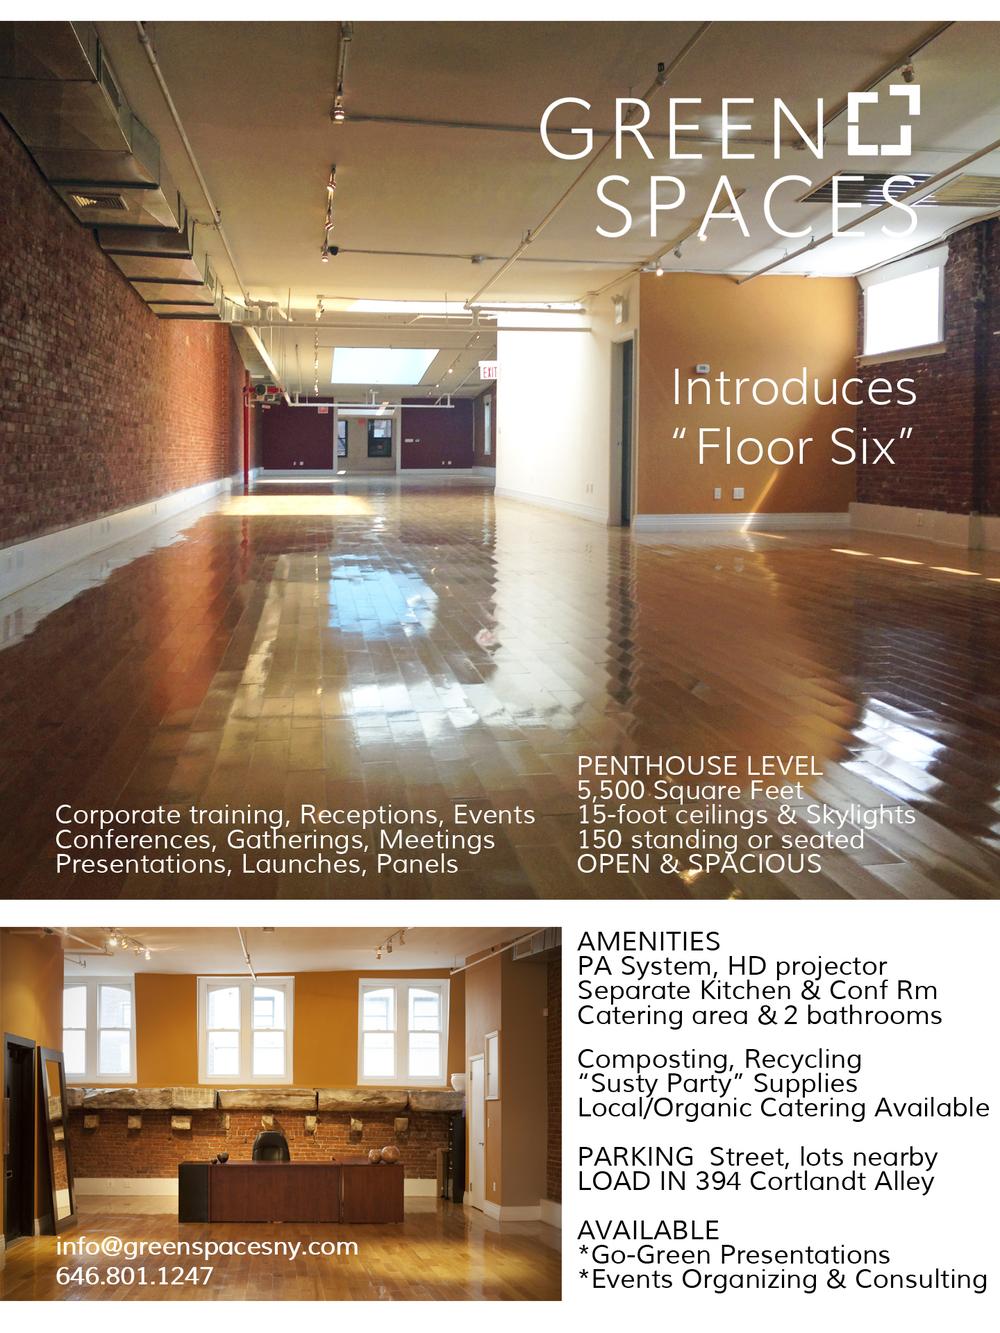 Green-Spaces-Events-floor-6